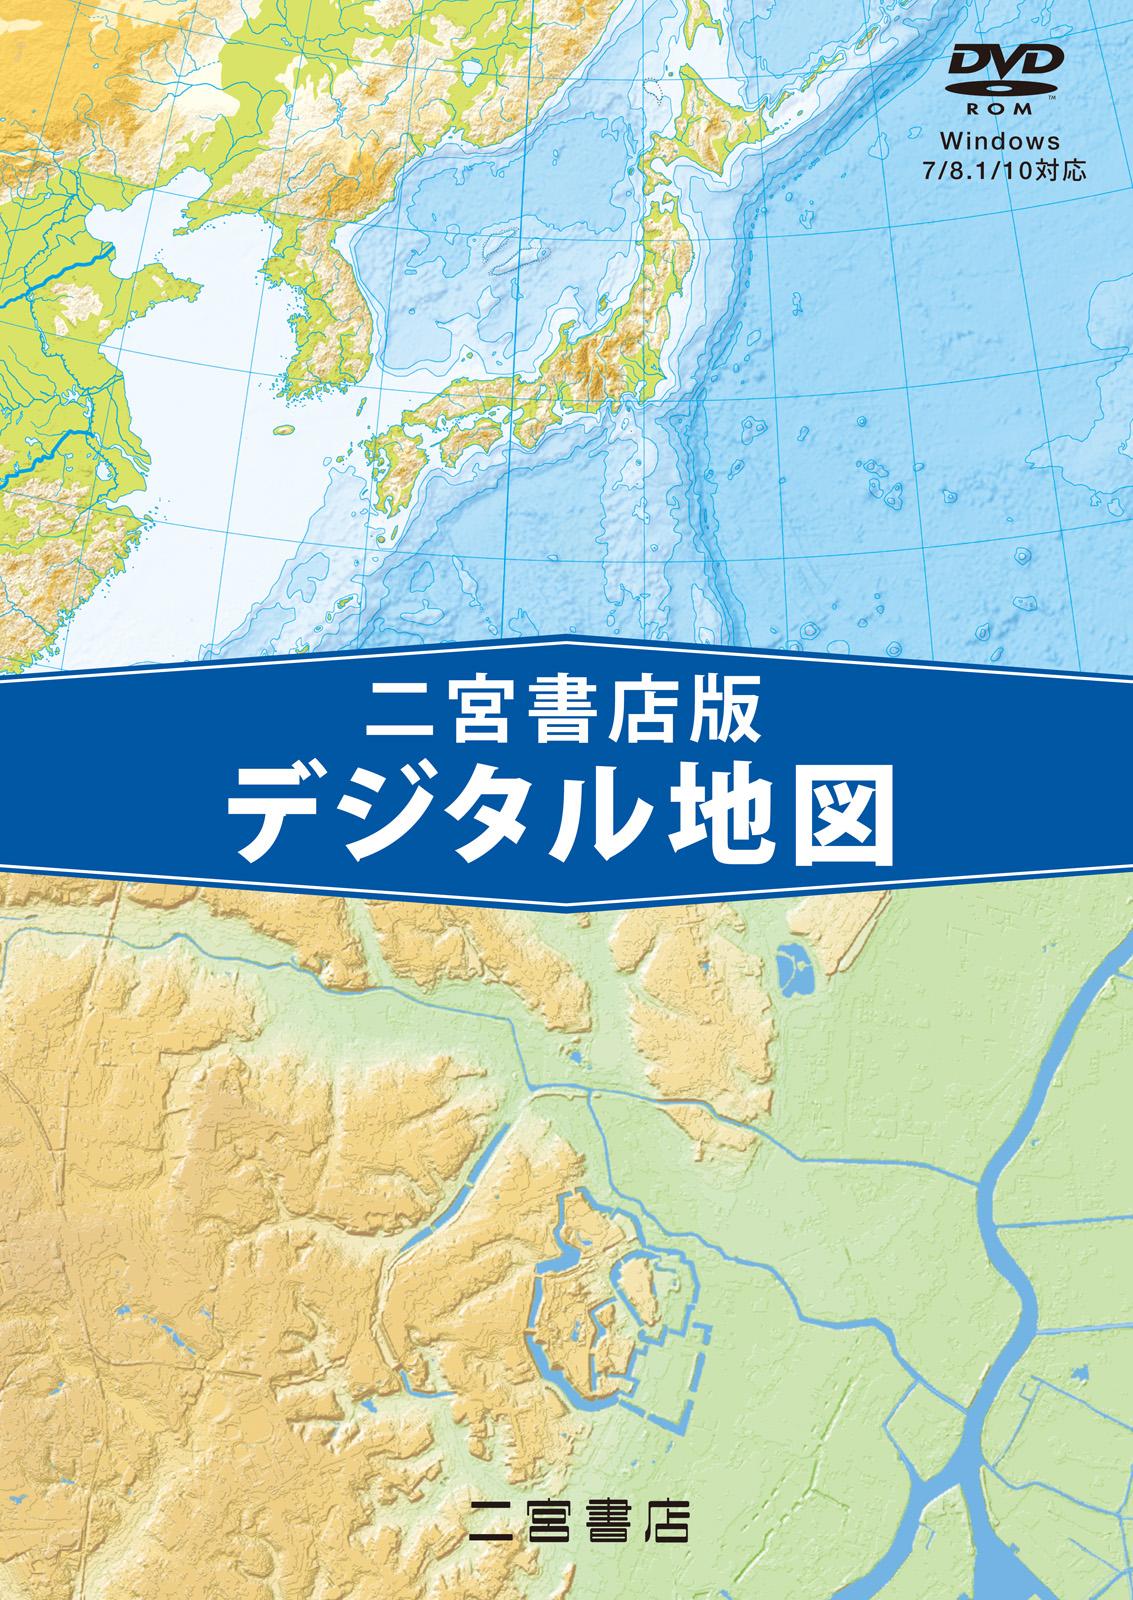 二宮書店版デジタル地図 シングルライセンス版